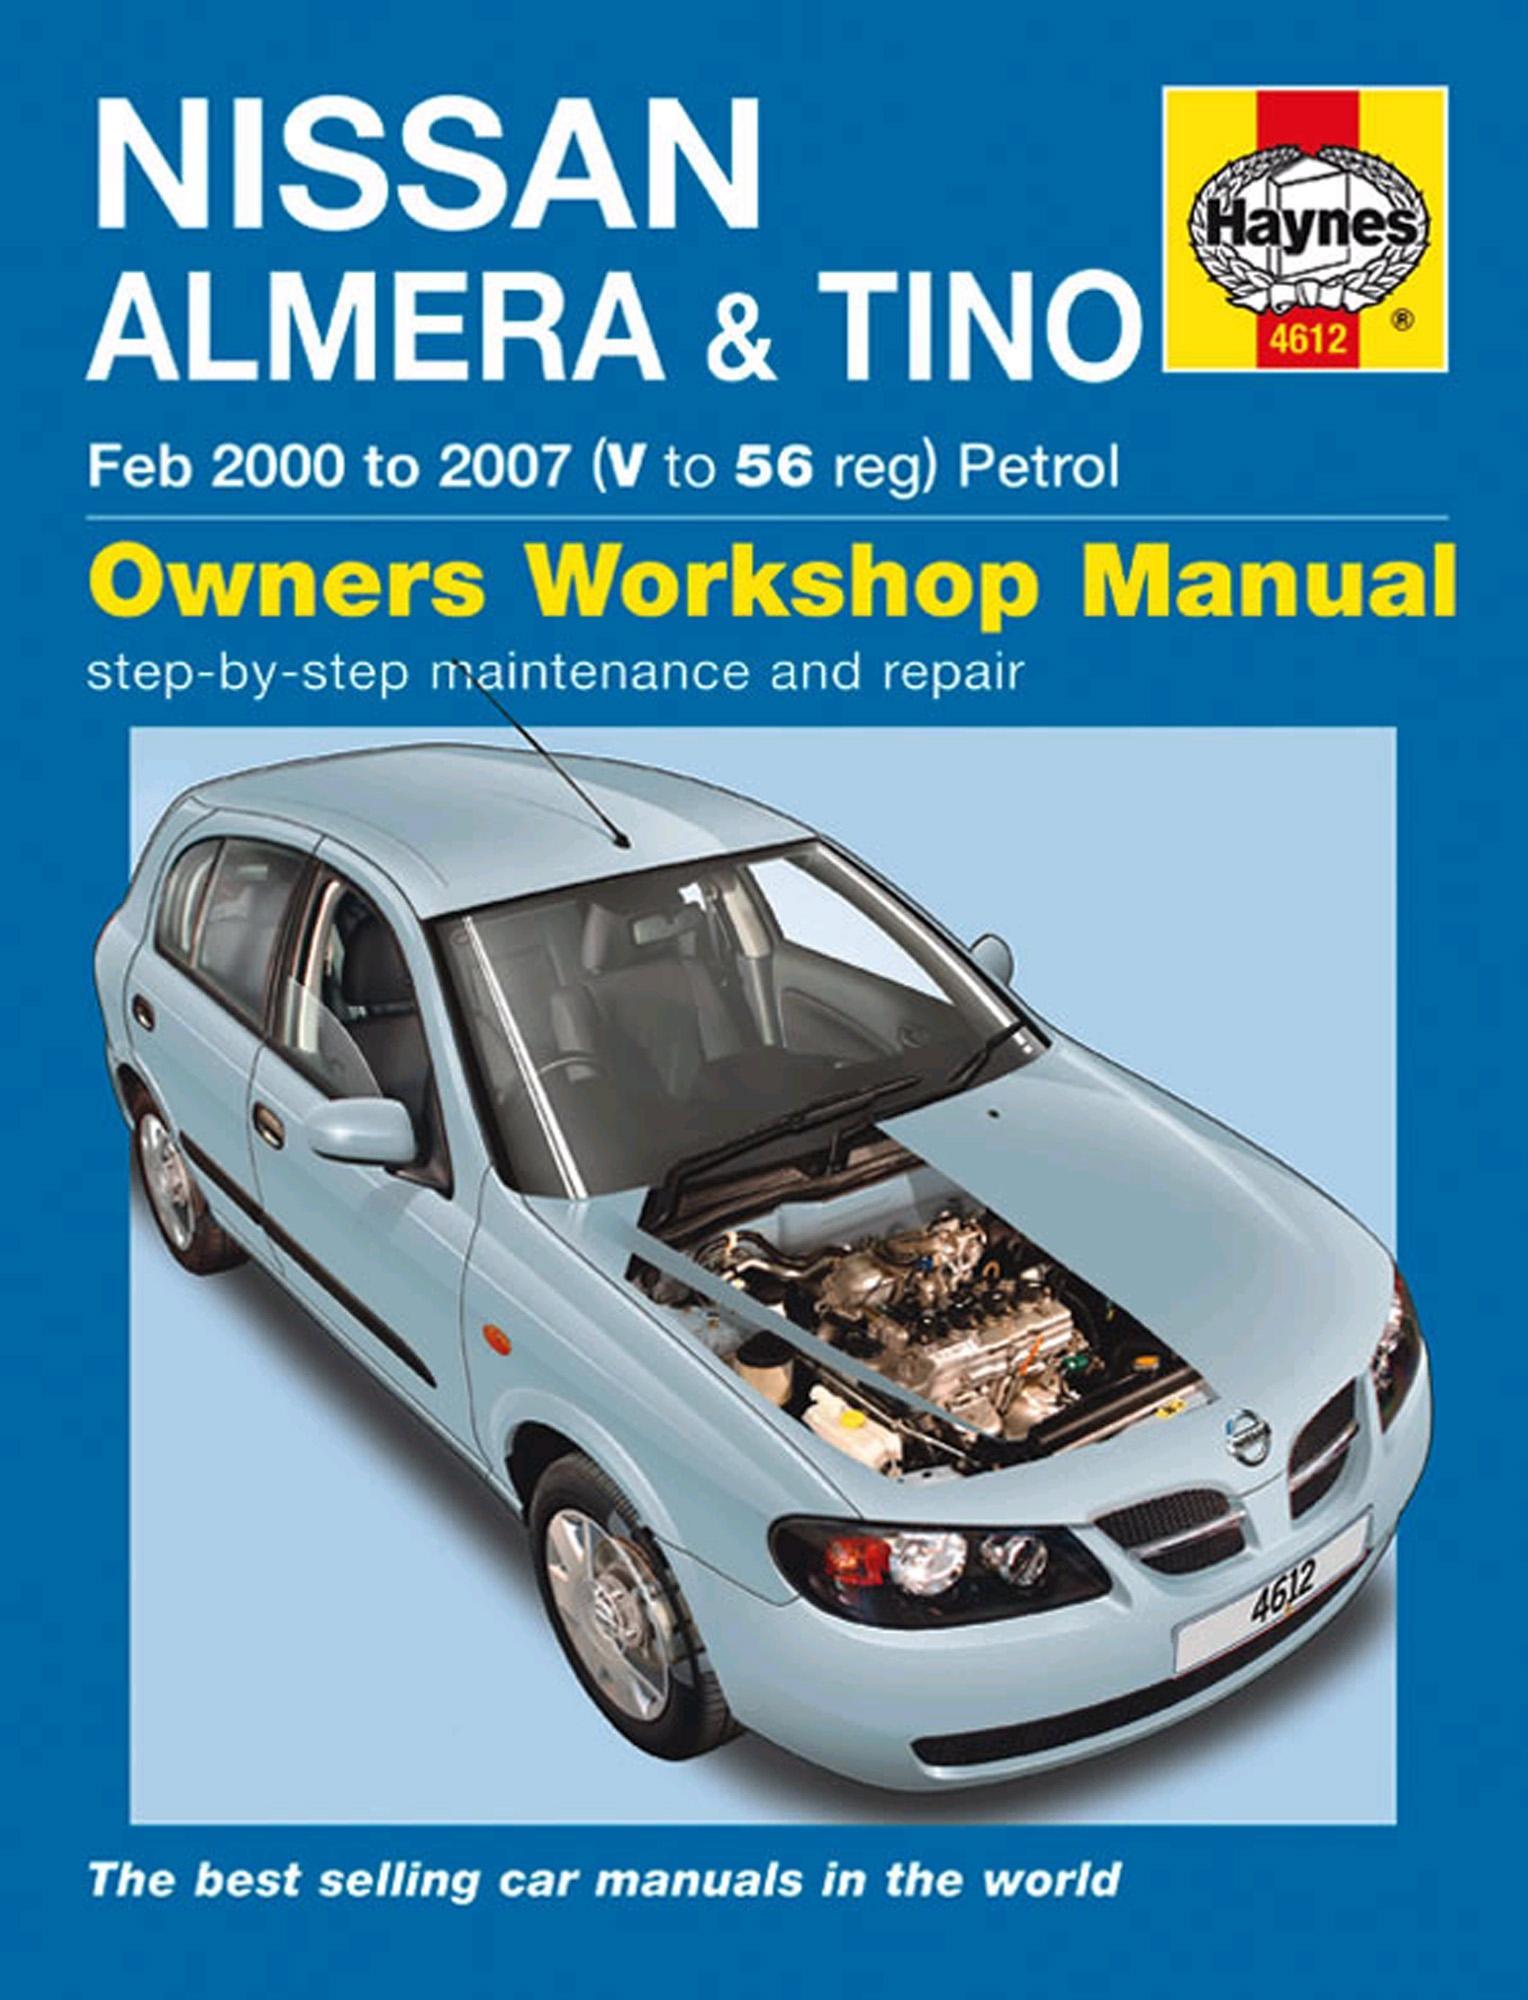 haynes owners workshop manual nissan almera tino 2000 2007 petrol rh ebay co uk nissan almera 2002 haynes manual nissan almera 2002 haynes manual